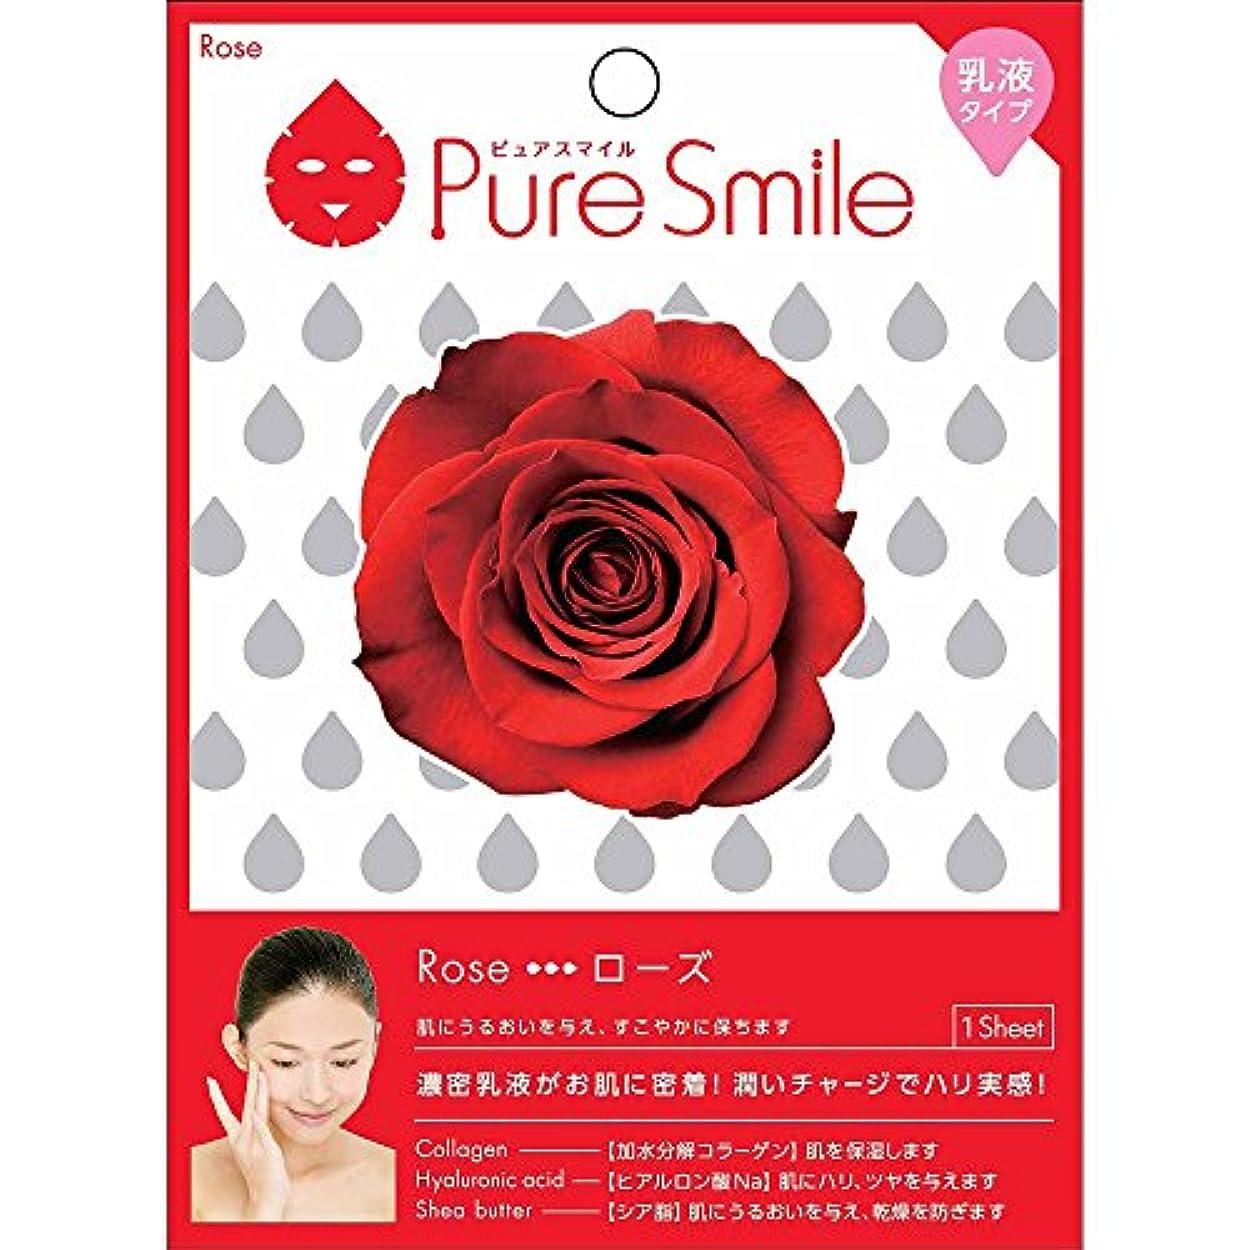 インフラ成功自分のためにPure Smile(ピュアスマイル) 乳液エッセンスマスク 1 枚 ローズ